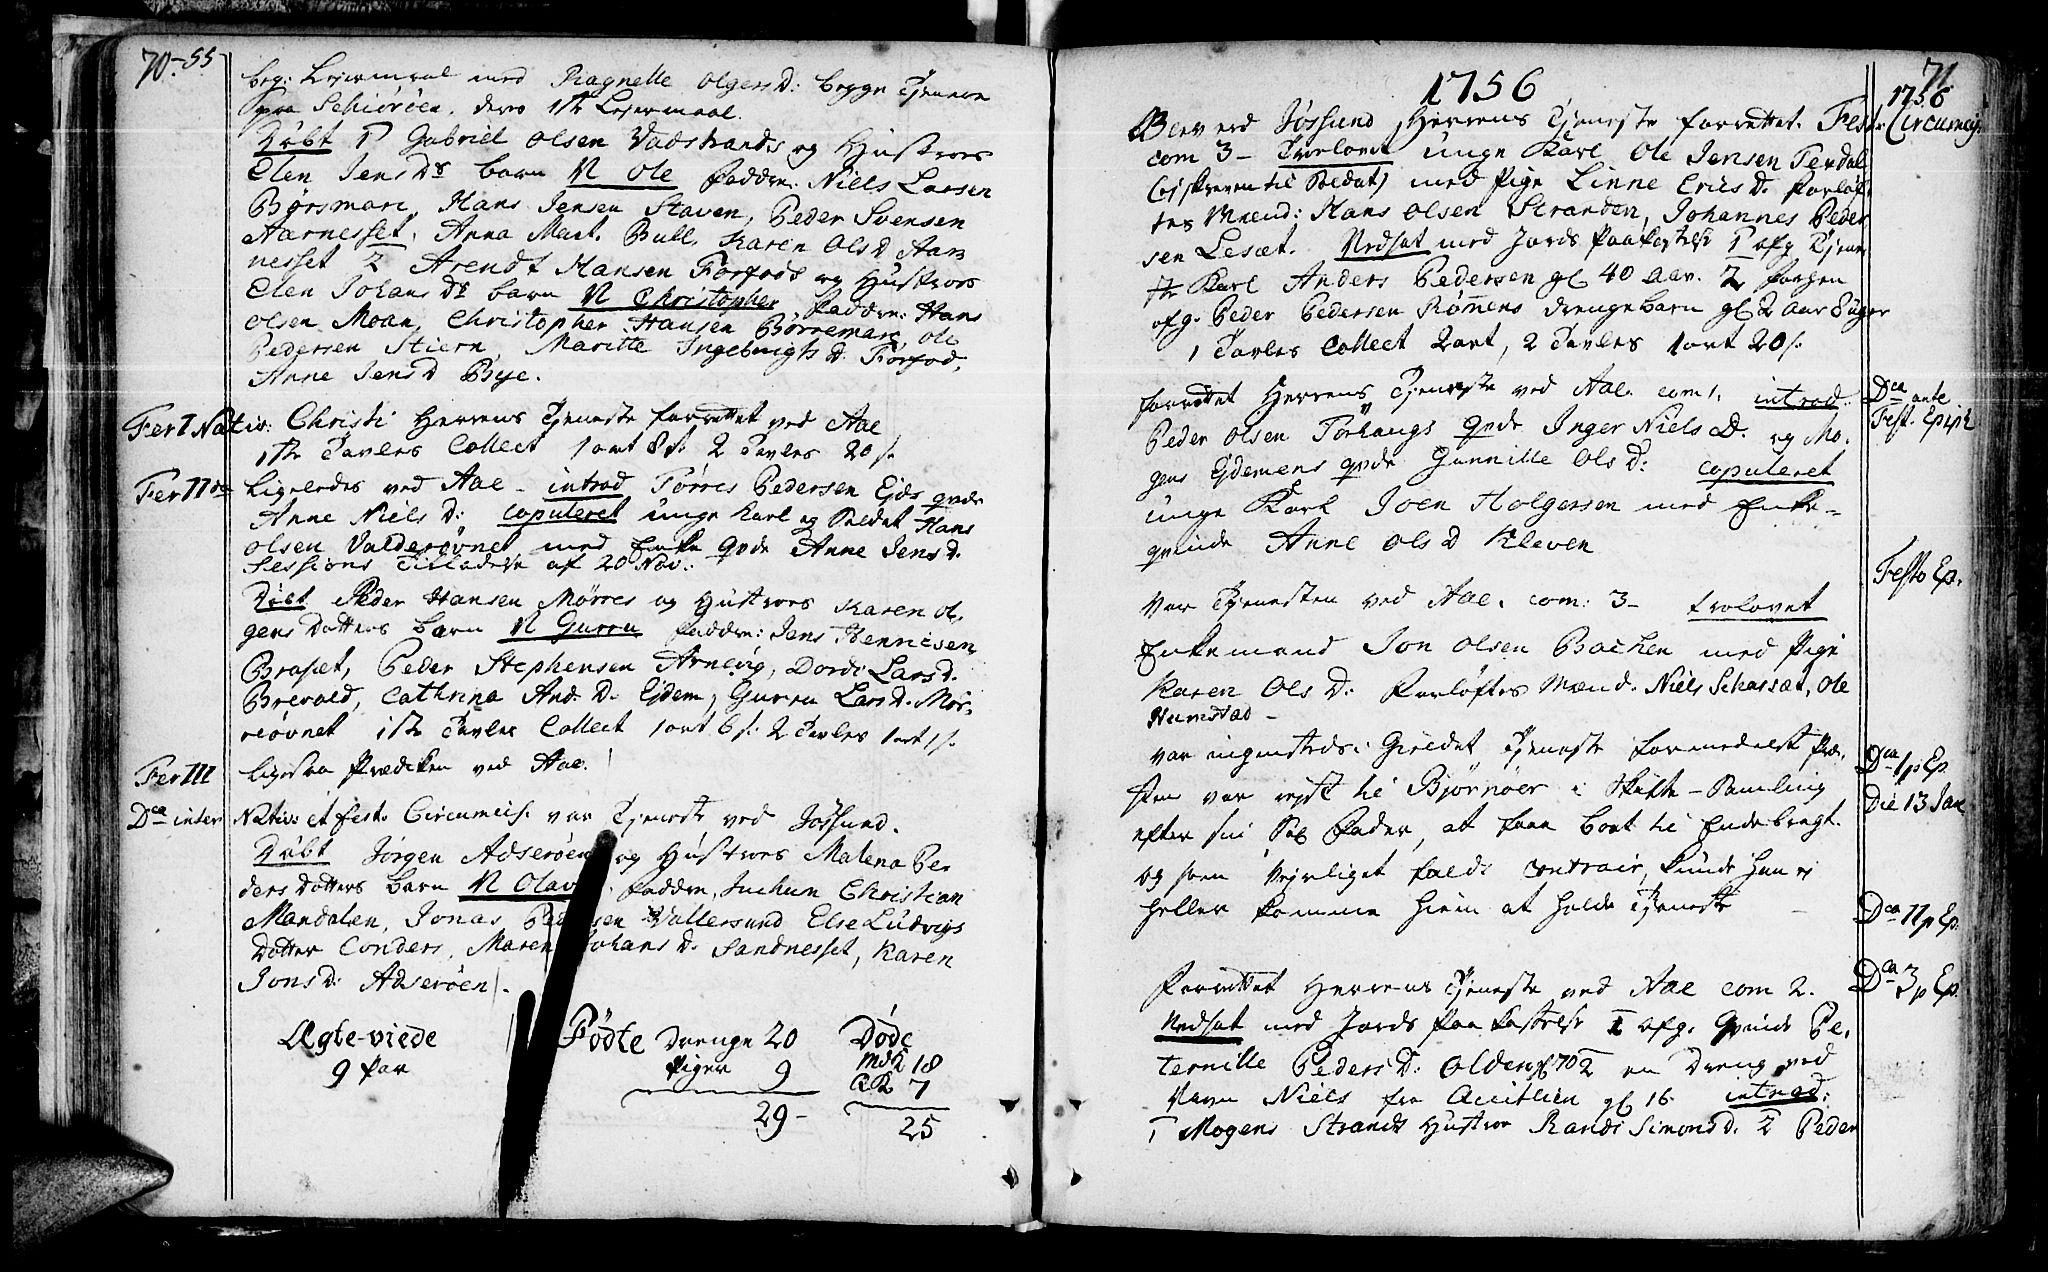 SAT, Ministerialprotokoller, klokkerbøker og fødselsregistre - Sør-Trøndelag, 655/L0672: Ministerialbok nr. 655A01, 1750-1779, s. 70-71